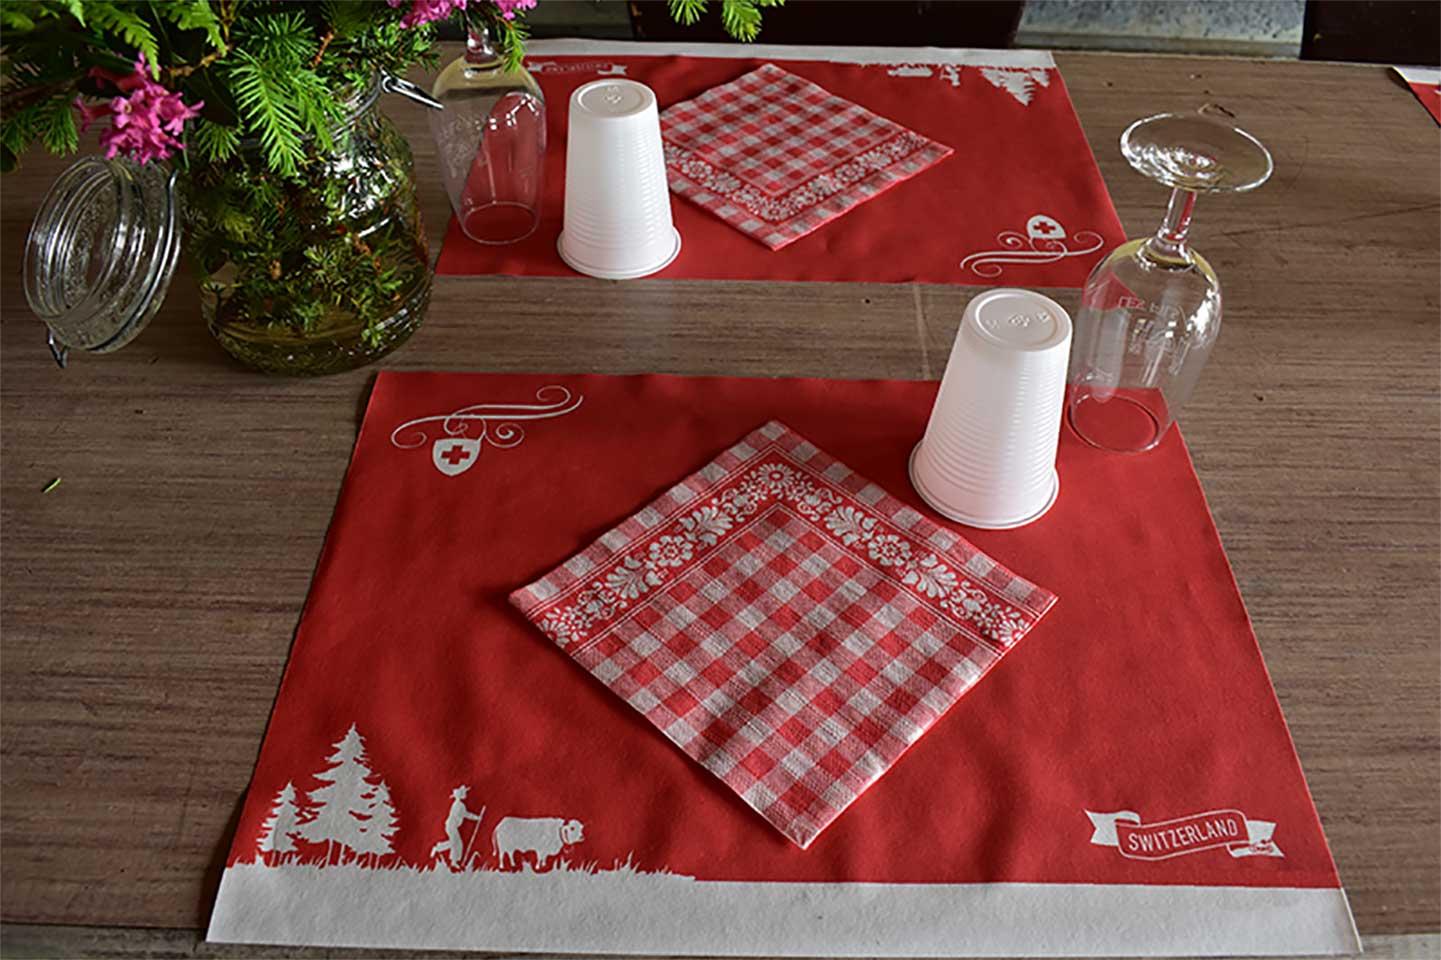 Salle Etable - Présentation de table